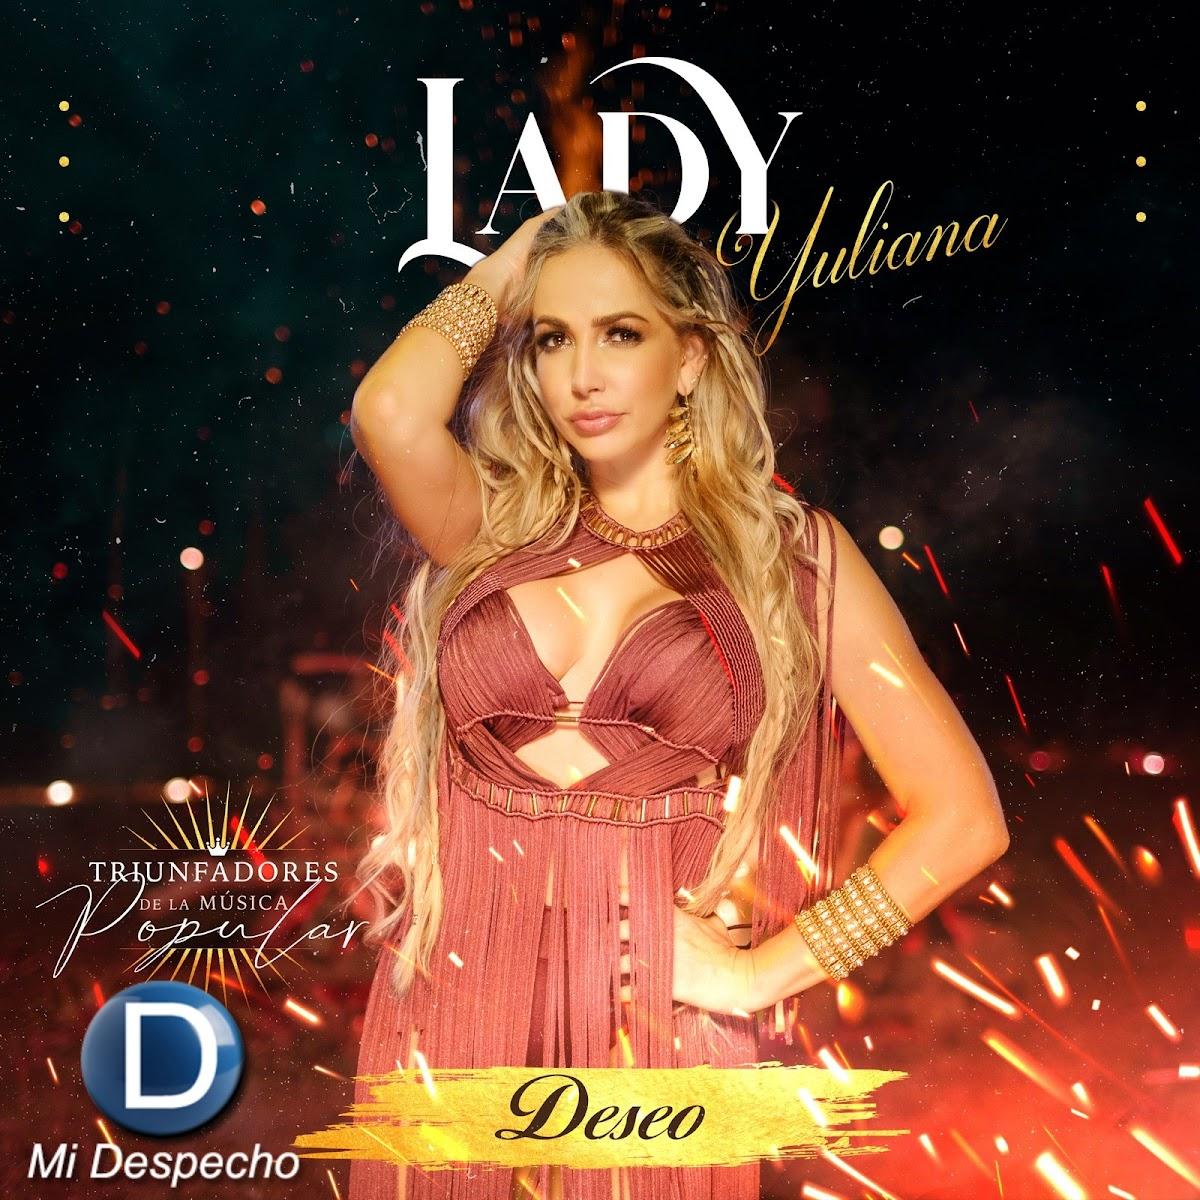 Lady Yuliana Deseo Frontal